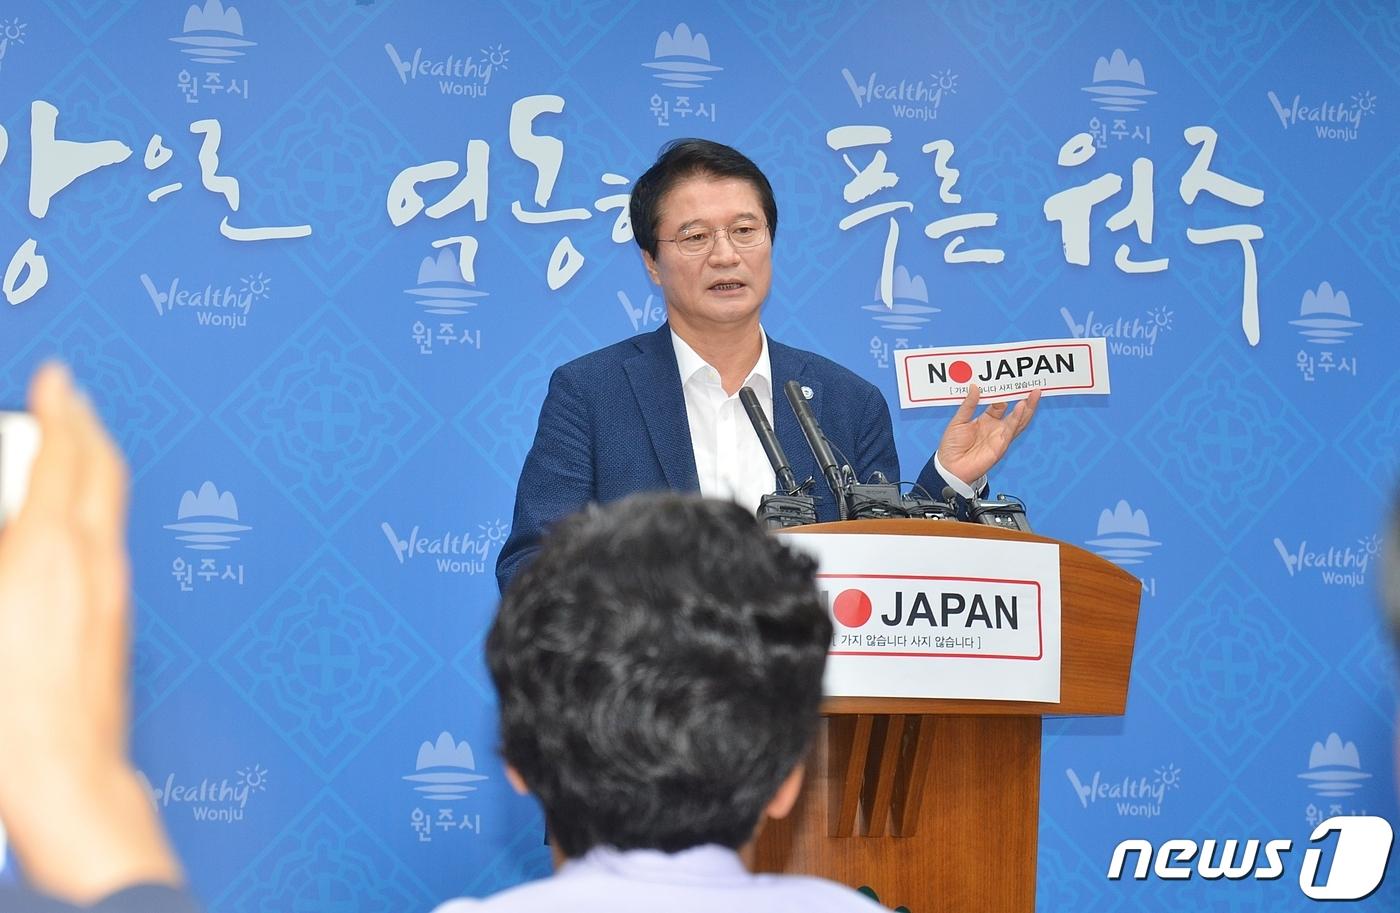 韓国・原州市長「ハハハハ!これが市民に3万枚配布する『日本製品不買ステッカー』だ!」 韓国の反撃始まる!